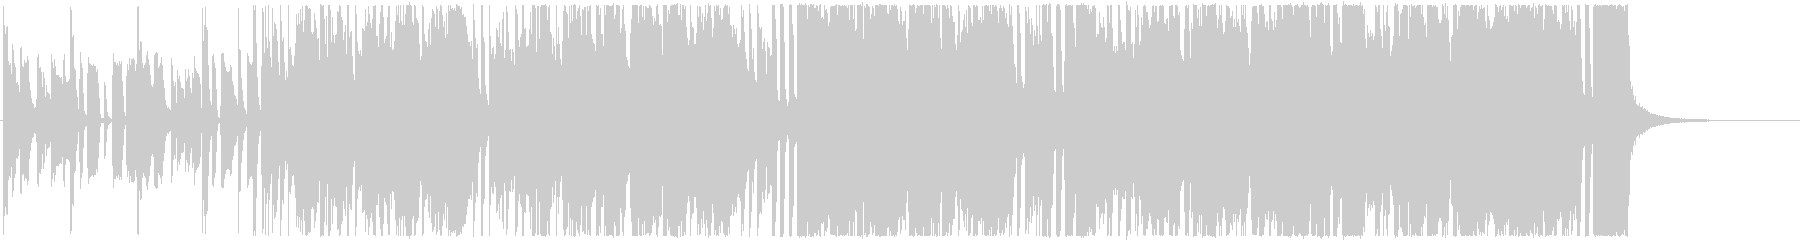 エレキギターのリフが印象的なファンクの未再生の波形